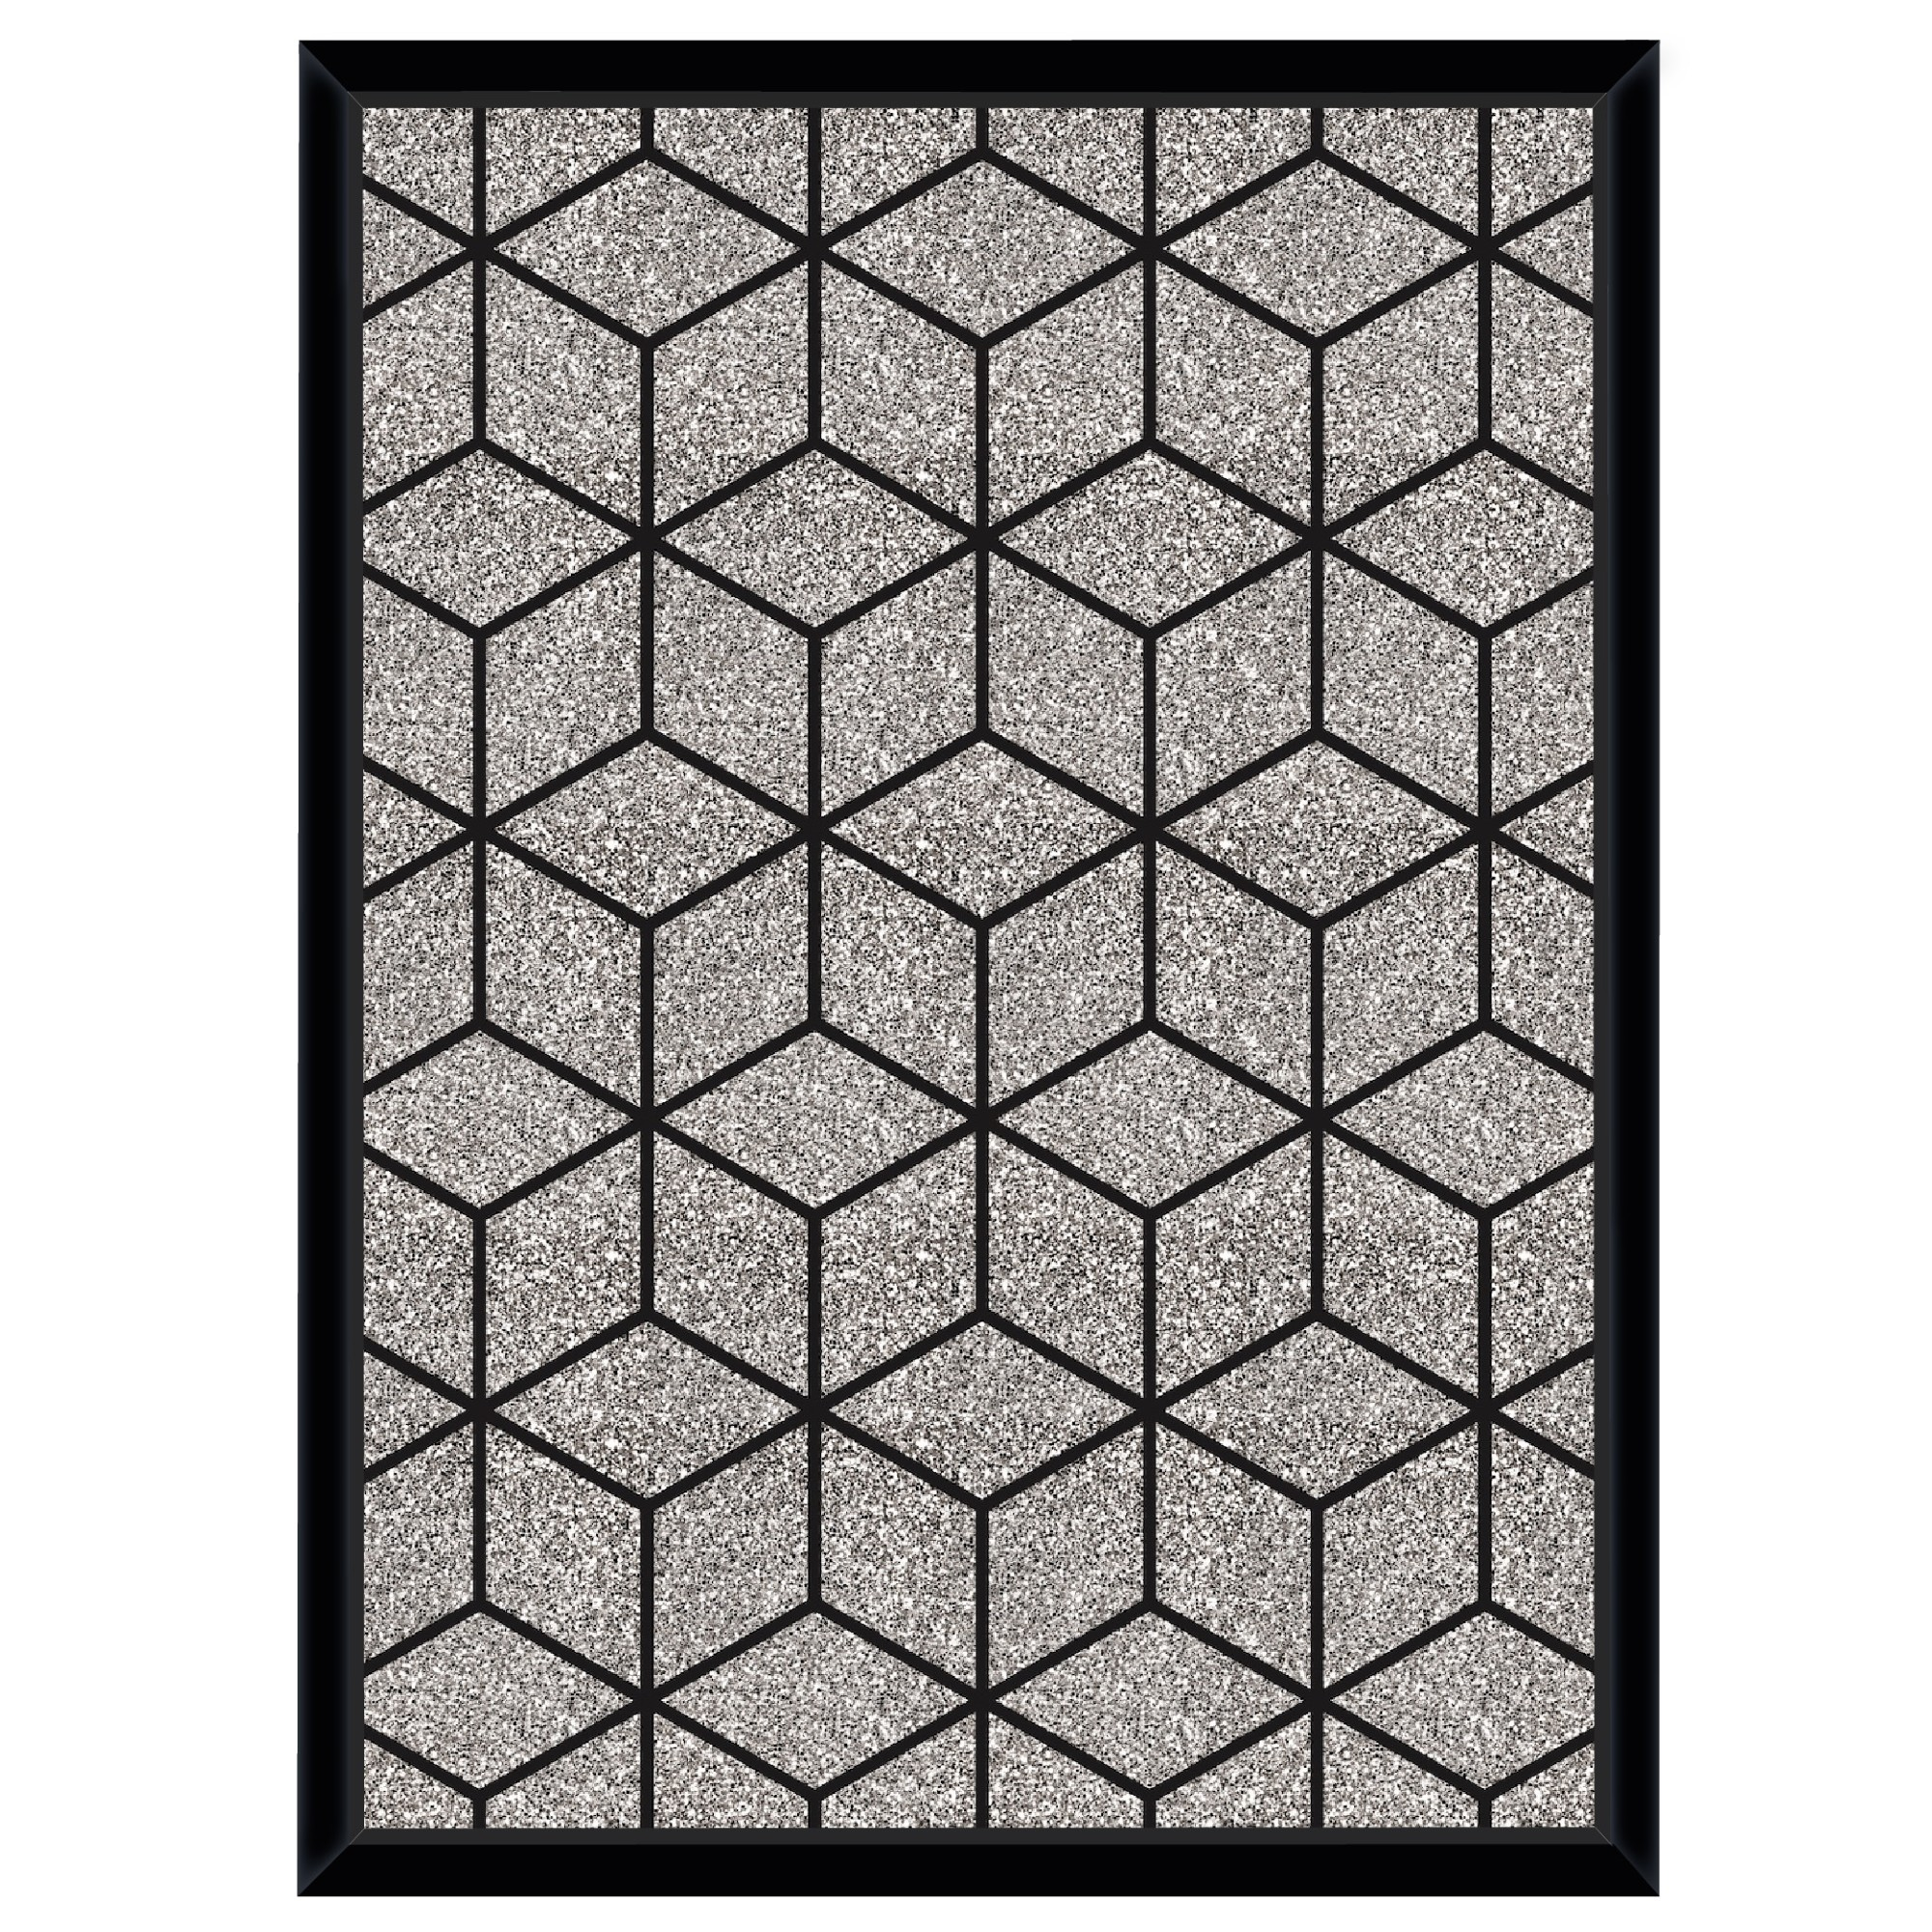 Quadro Decorativo 53x73 cm Geometrico Preto 541120 - Euroquadros